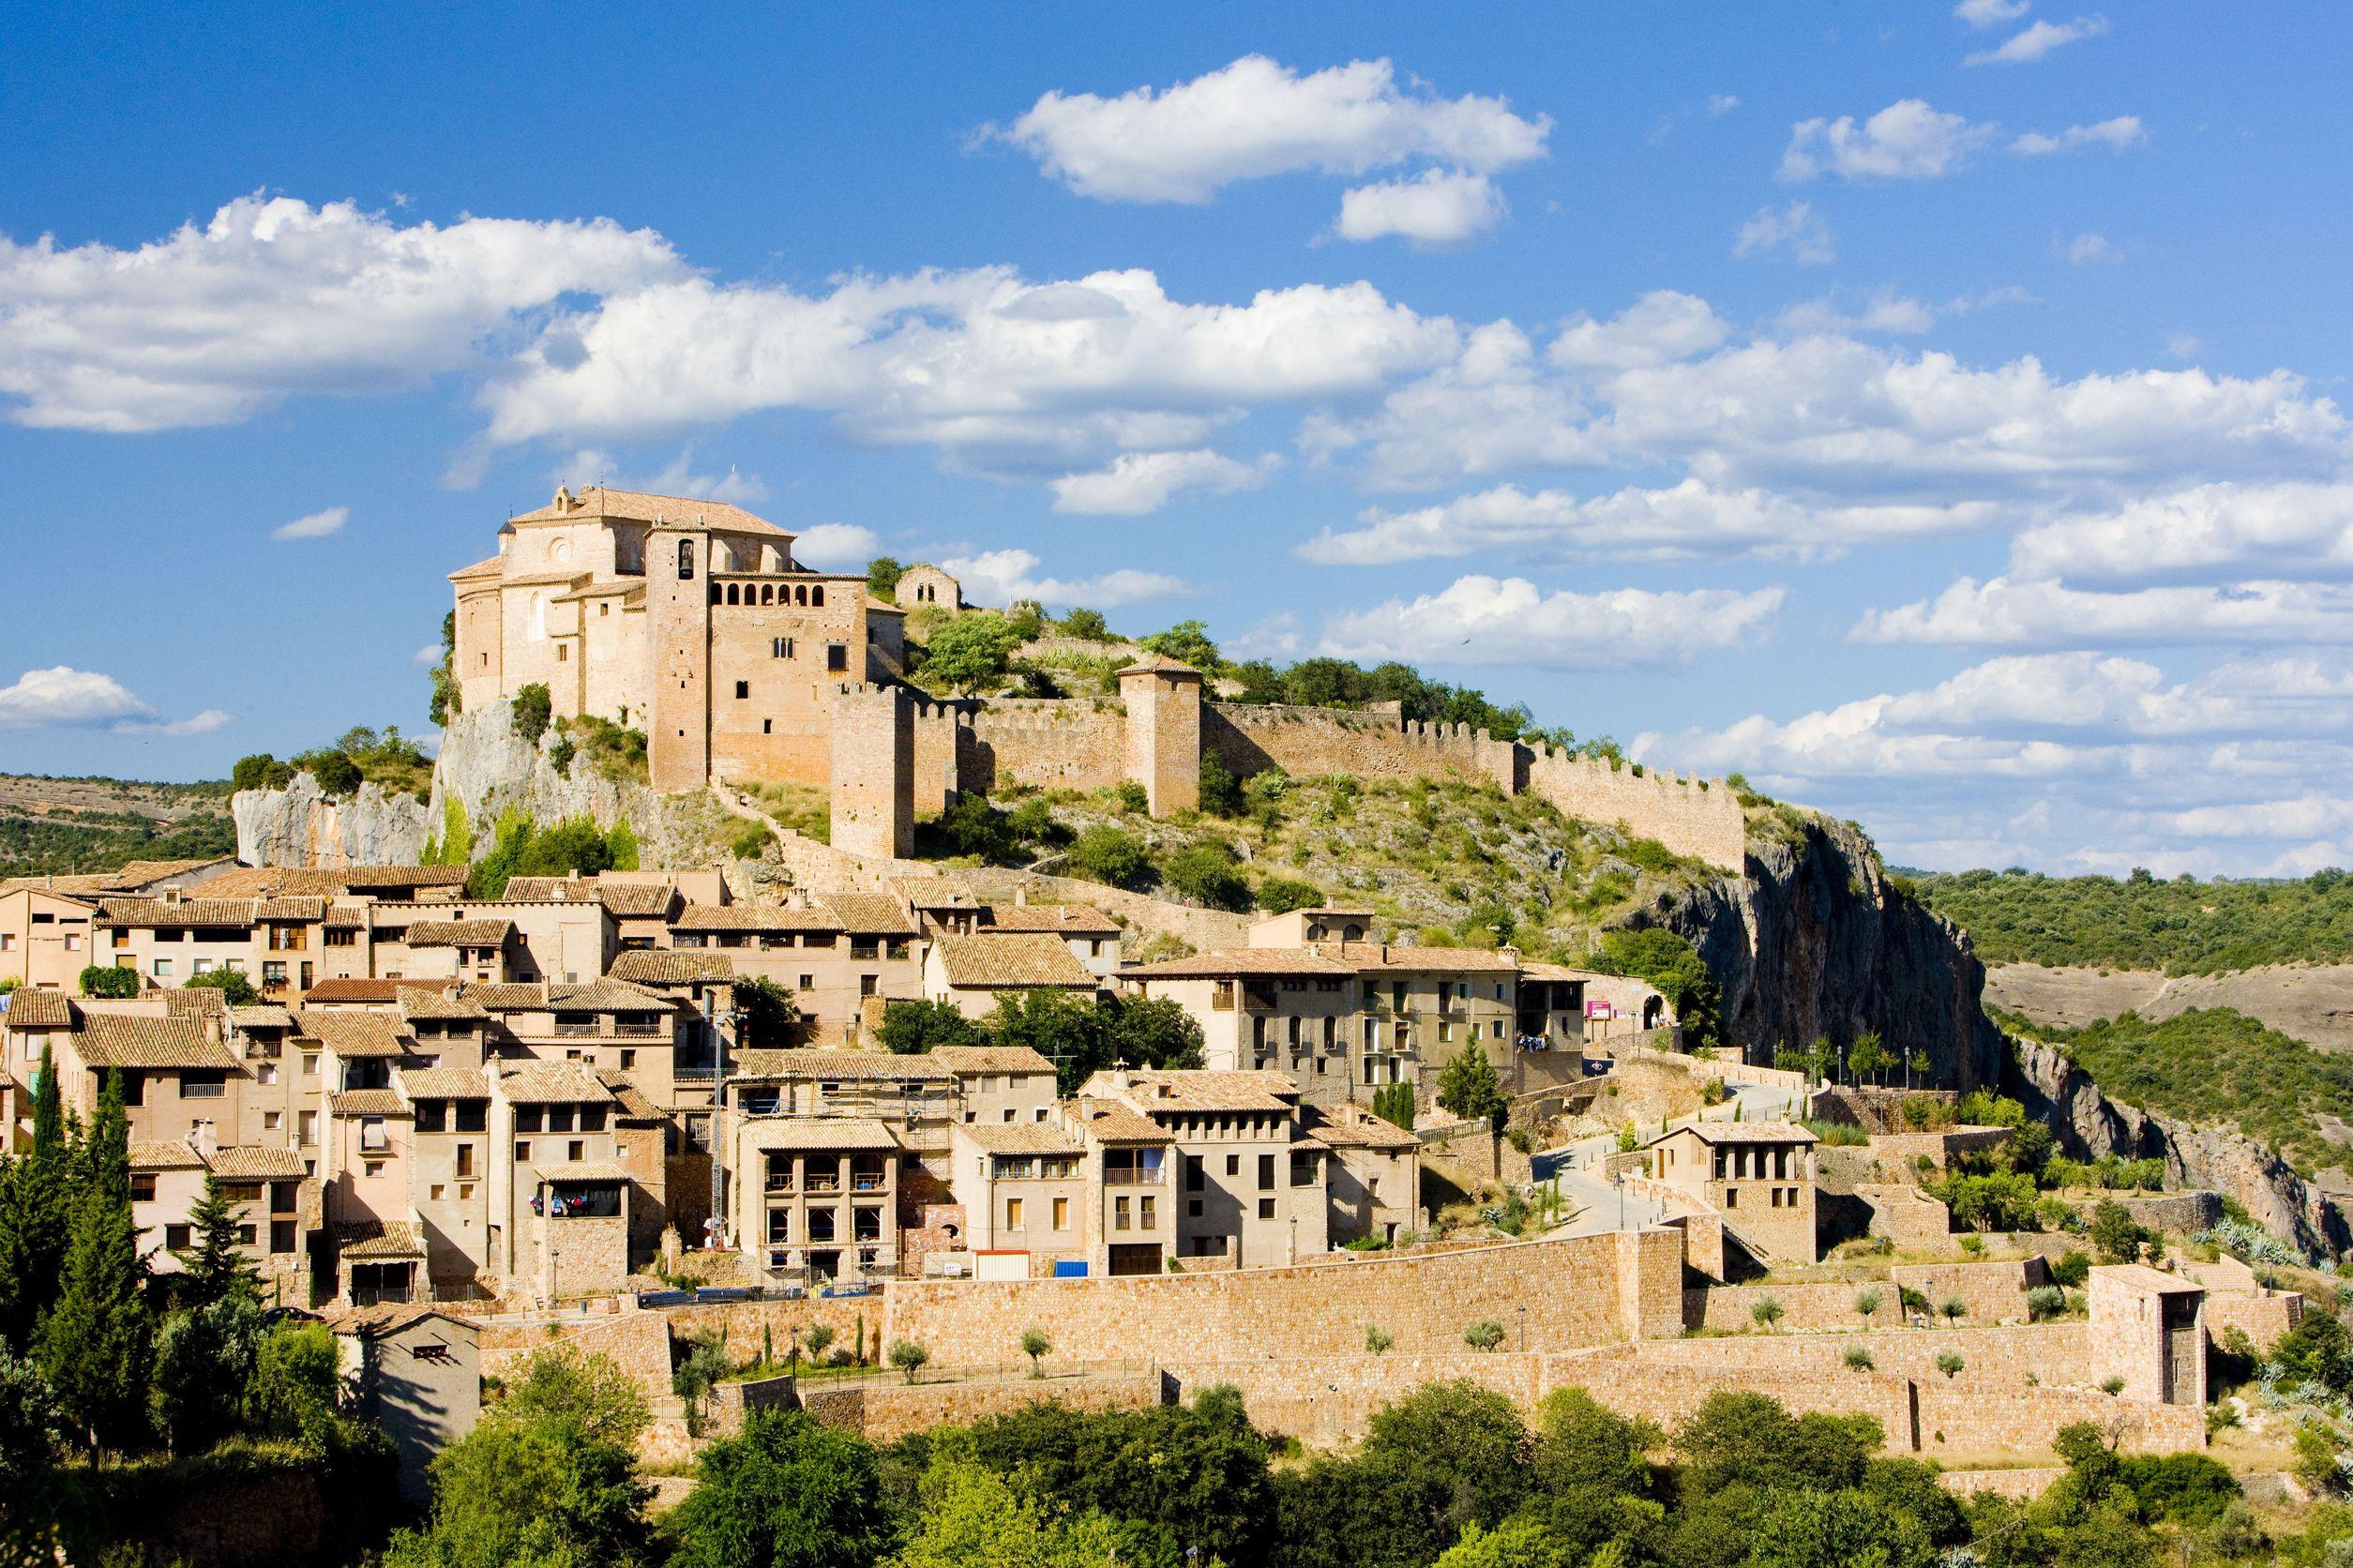 北スペインの観光スポットであるピレネーのアルケサル